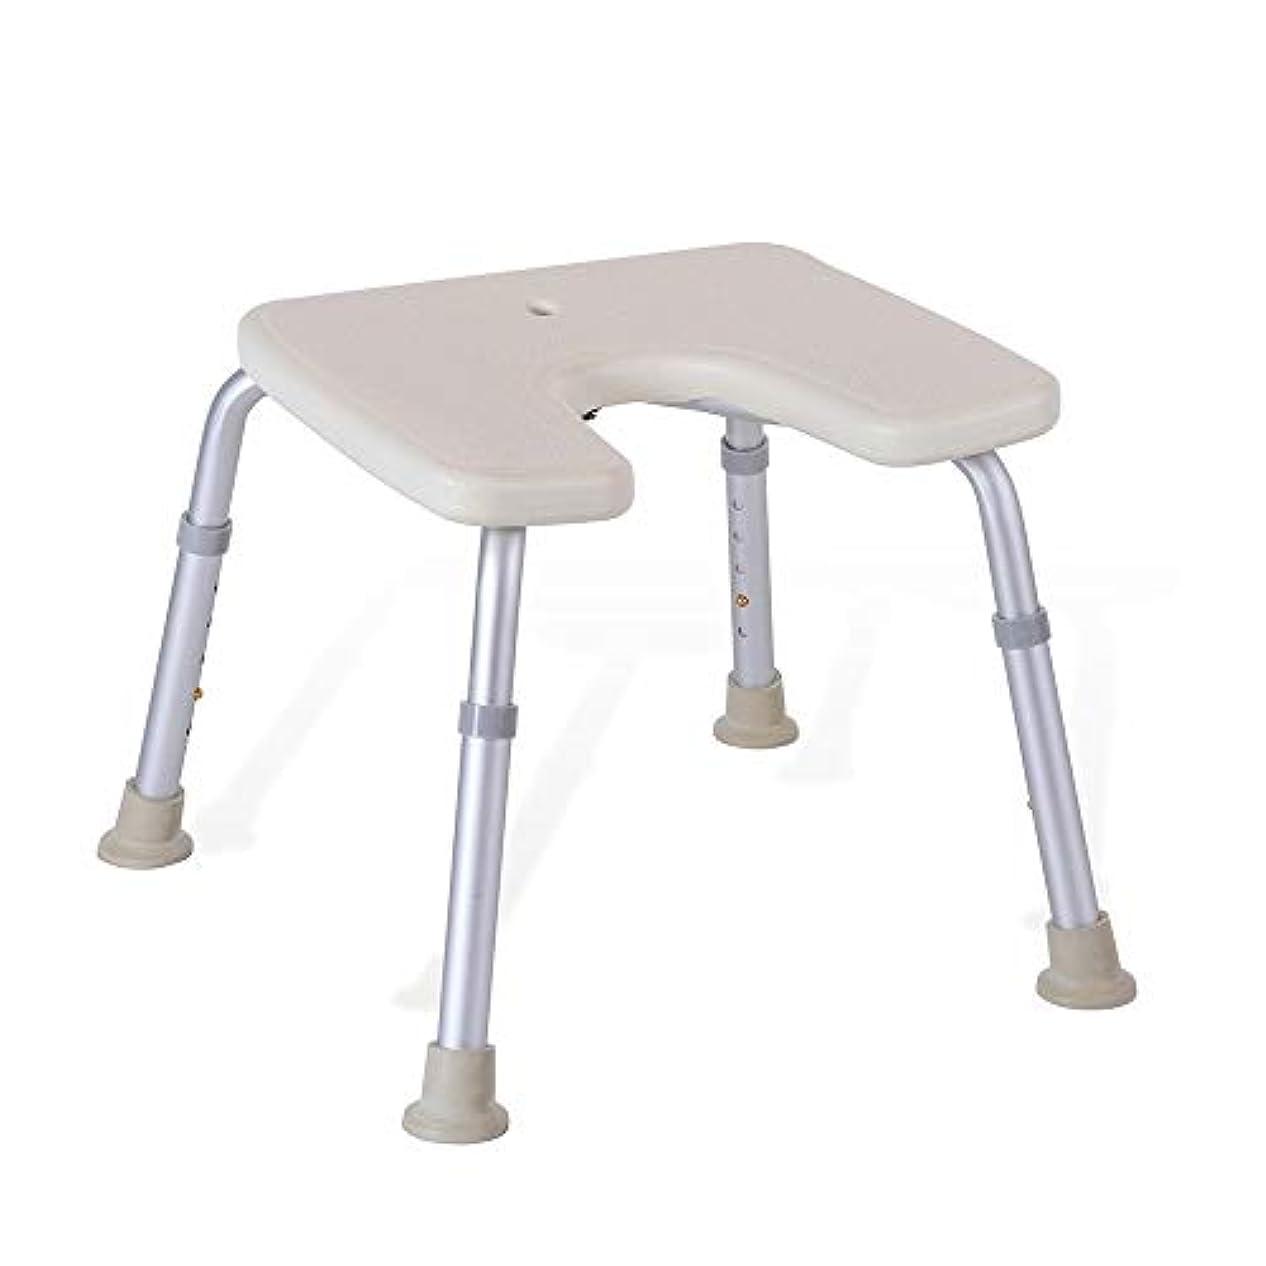 蒸留光沢リビングルーム調節可能なU字型の高齢者用浴槽シート、バスチェア、保護パッド付きパッド、シャワースツール